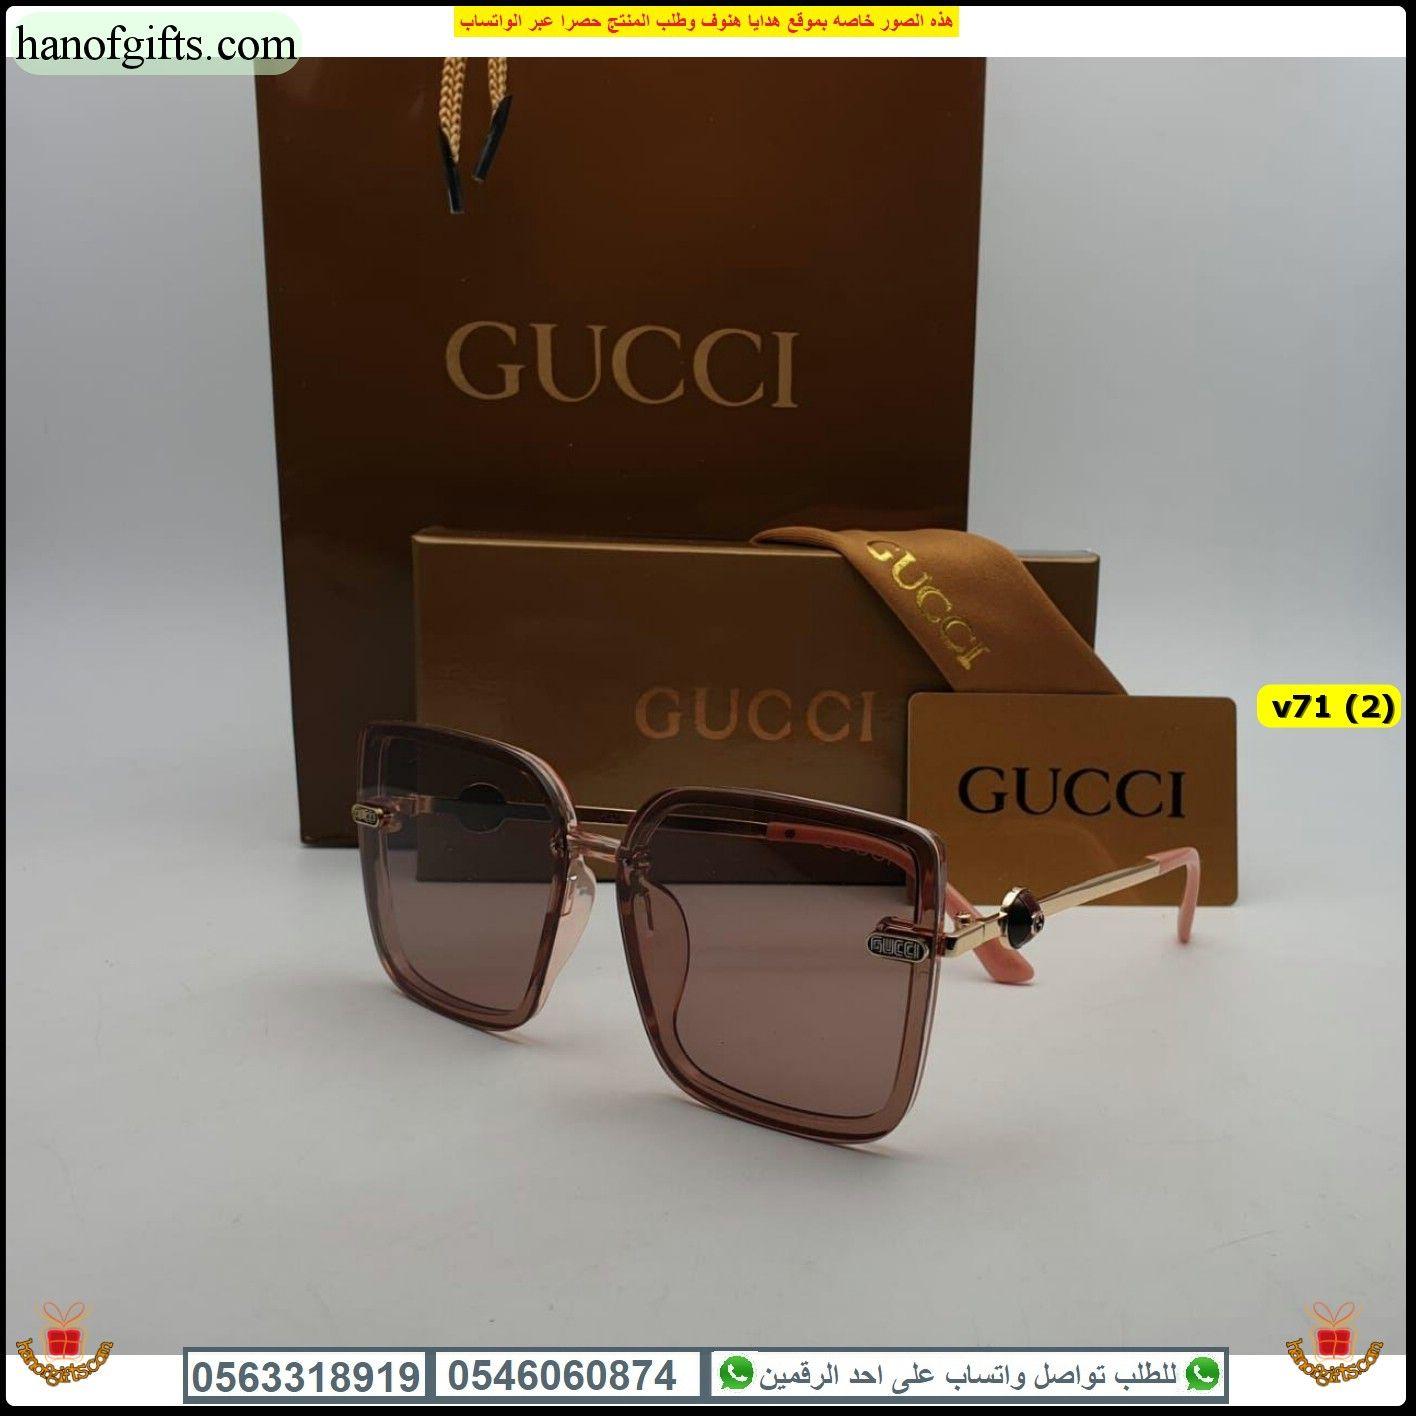 نظارات Gucci 2020 المميزة احصل عليها مع ملحقات الماركة هدايا هنوف Square Sunglass Gucci Glasses